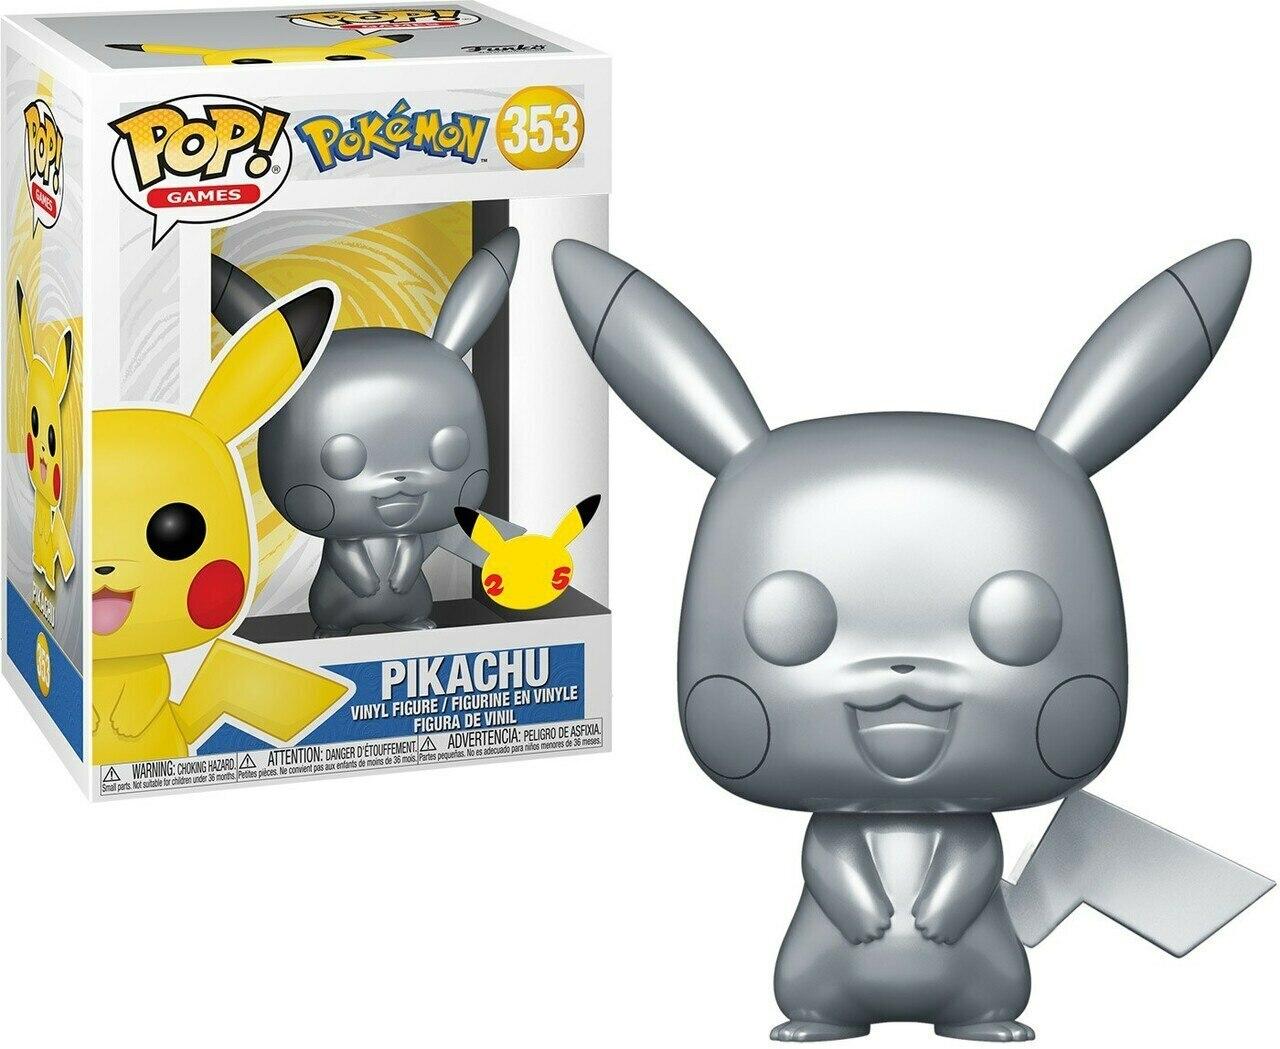 Funko Pop n°353 Pokémon - Pikachu